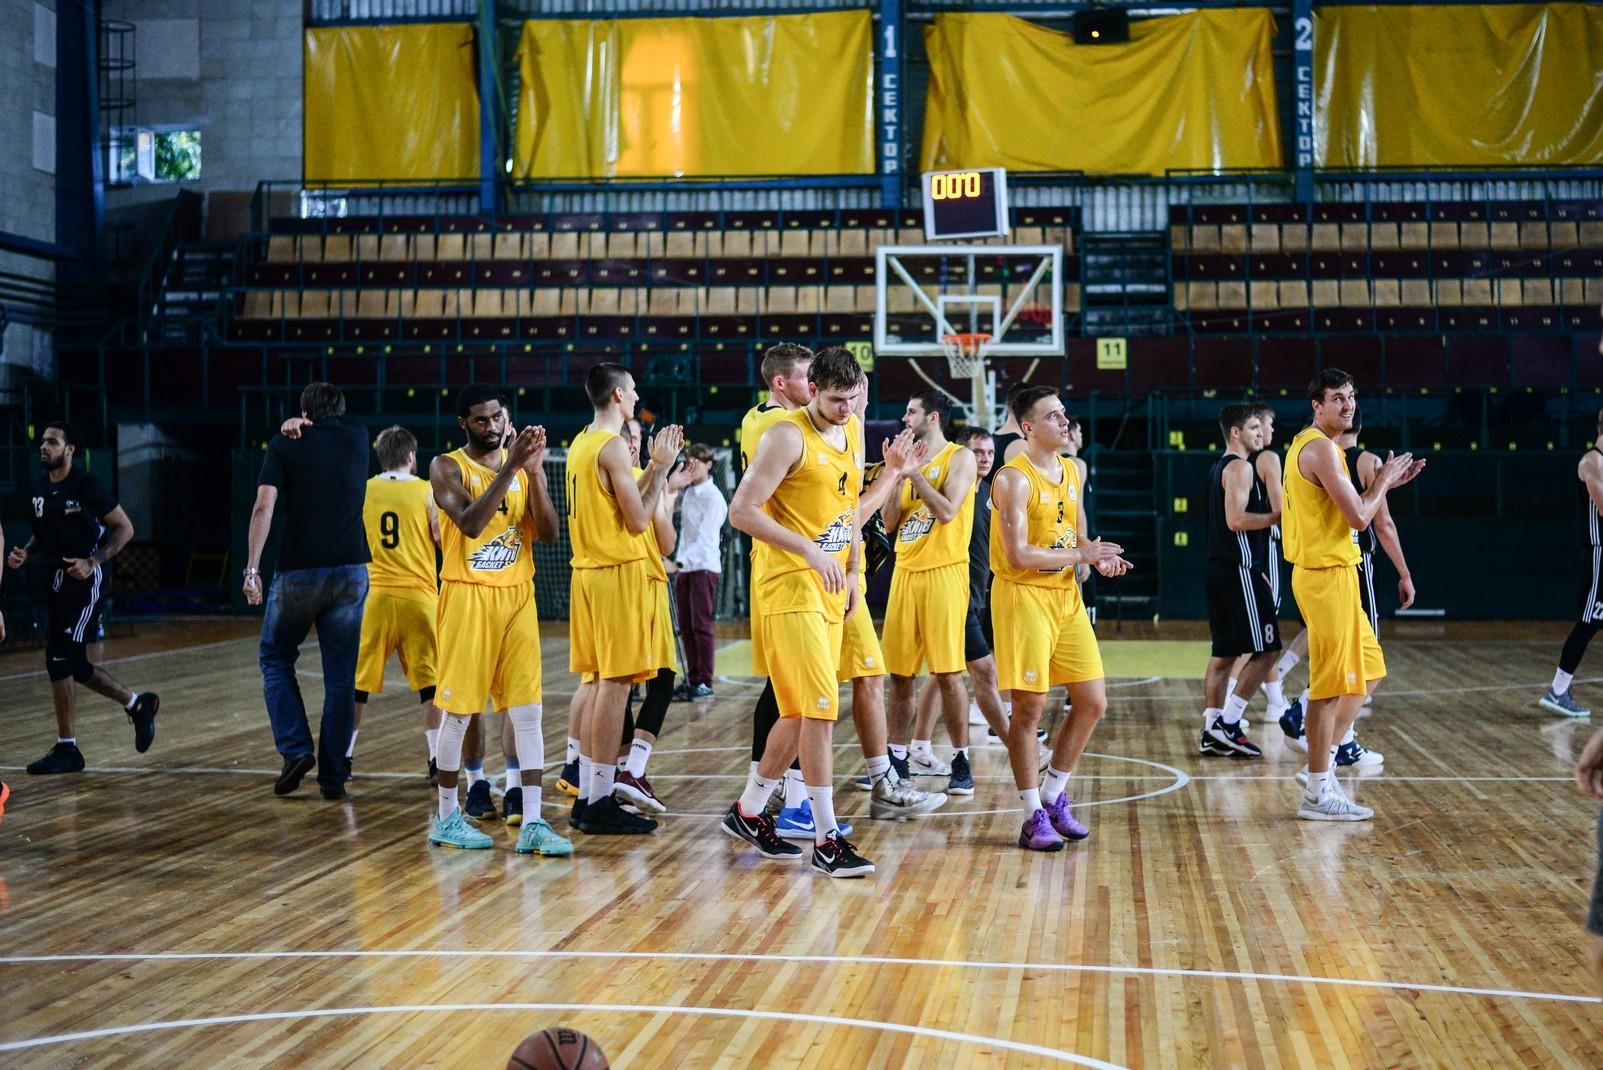 Товариський матч Київ-Баскета та Черкаських Мавп у столиці: телерепортаж